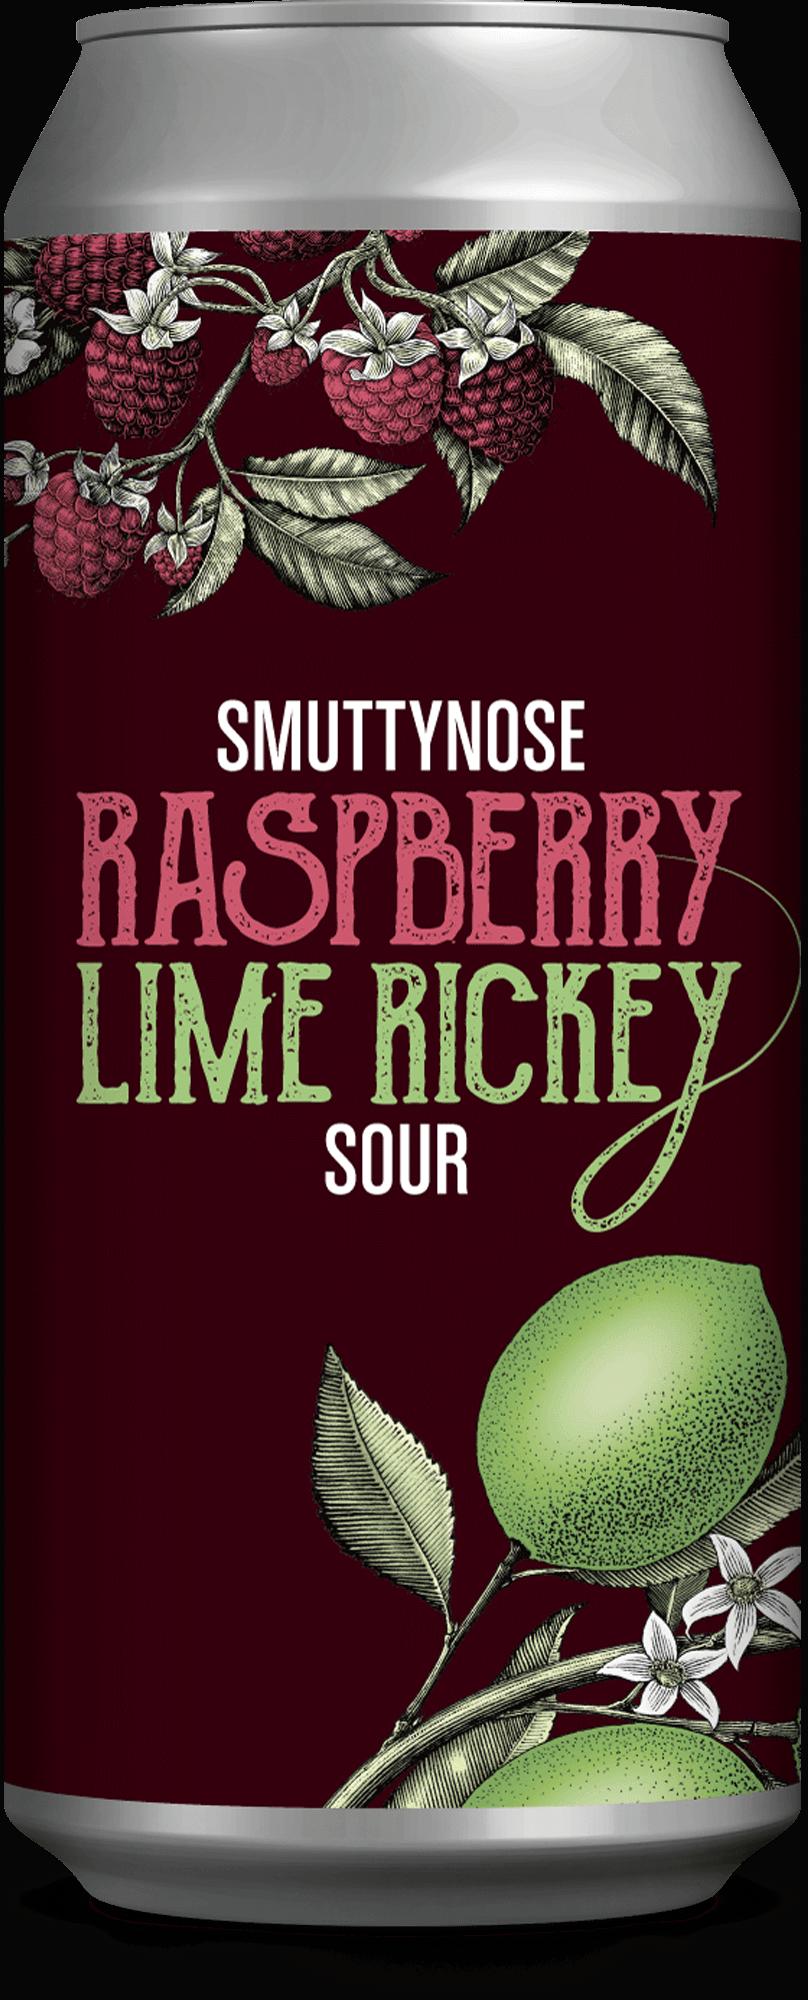 RASBERRY LIME RICKEY SOUR